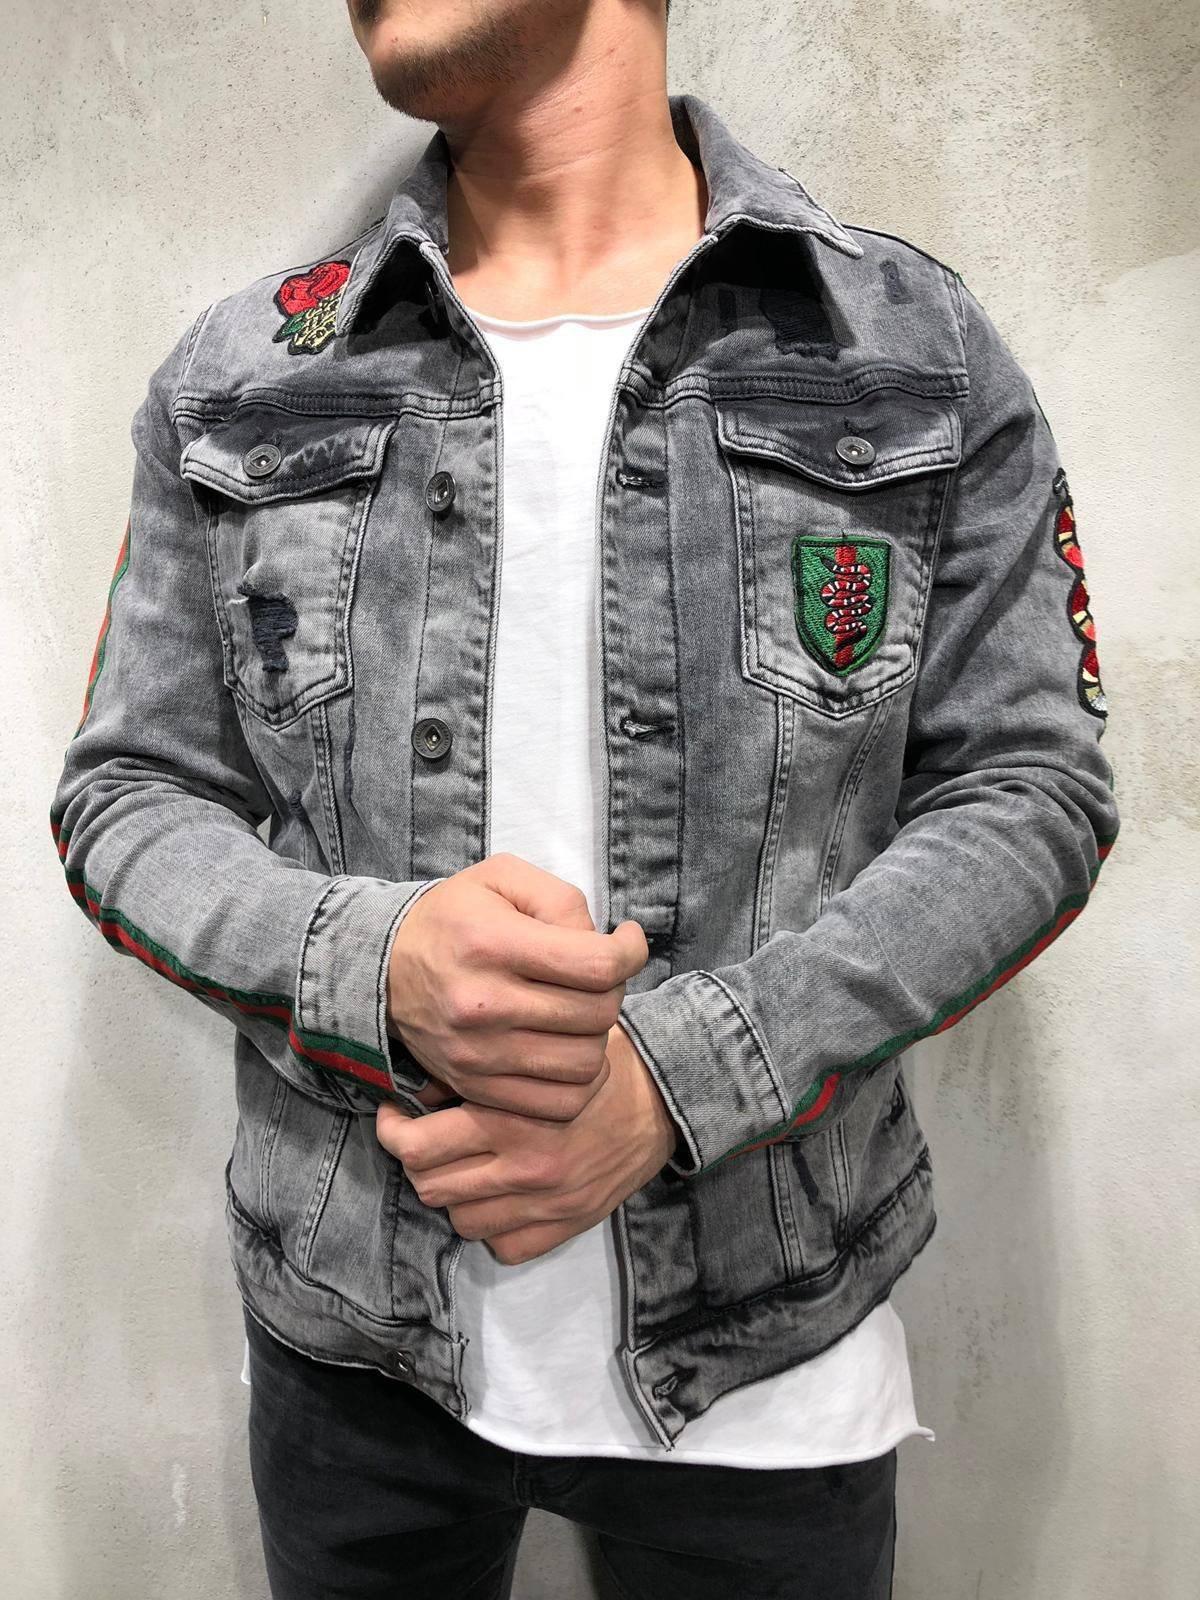 Denim Jacket Snake Patch Embroidery Gray Ripped Jacket Jackets Men Fashion Grey Denim Jacket [ 1600 x 1200 Pixel ]